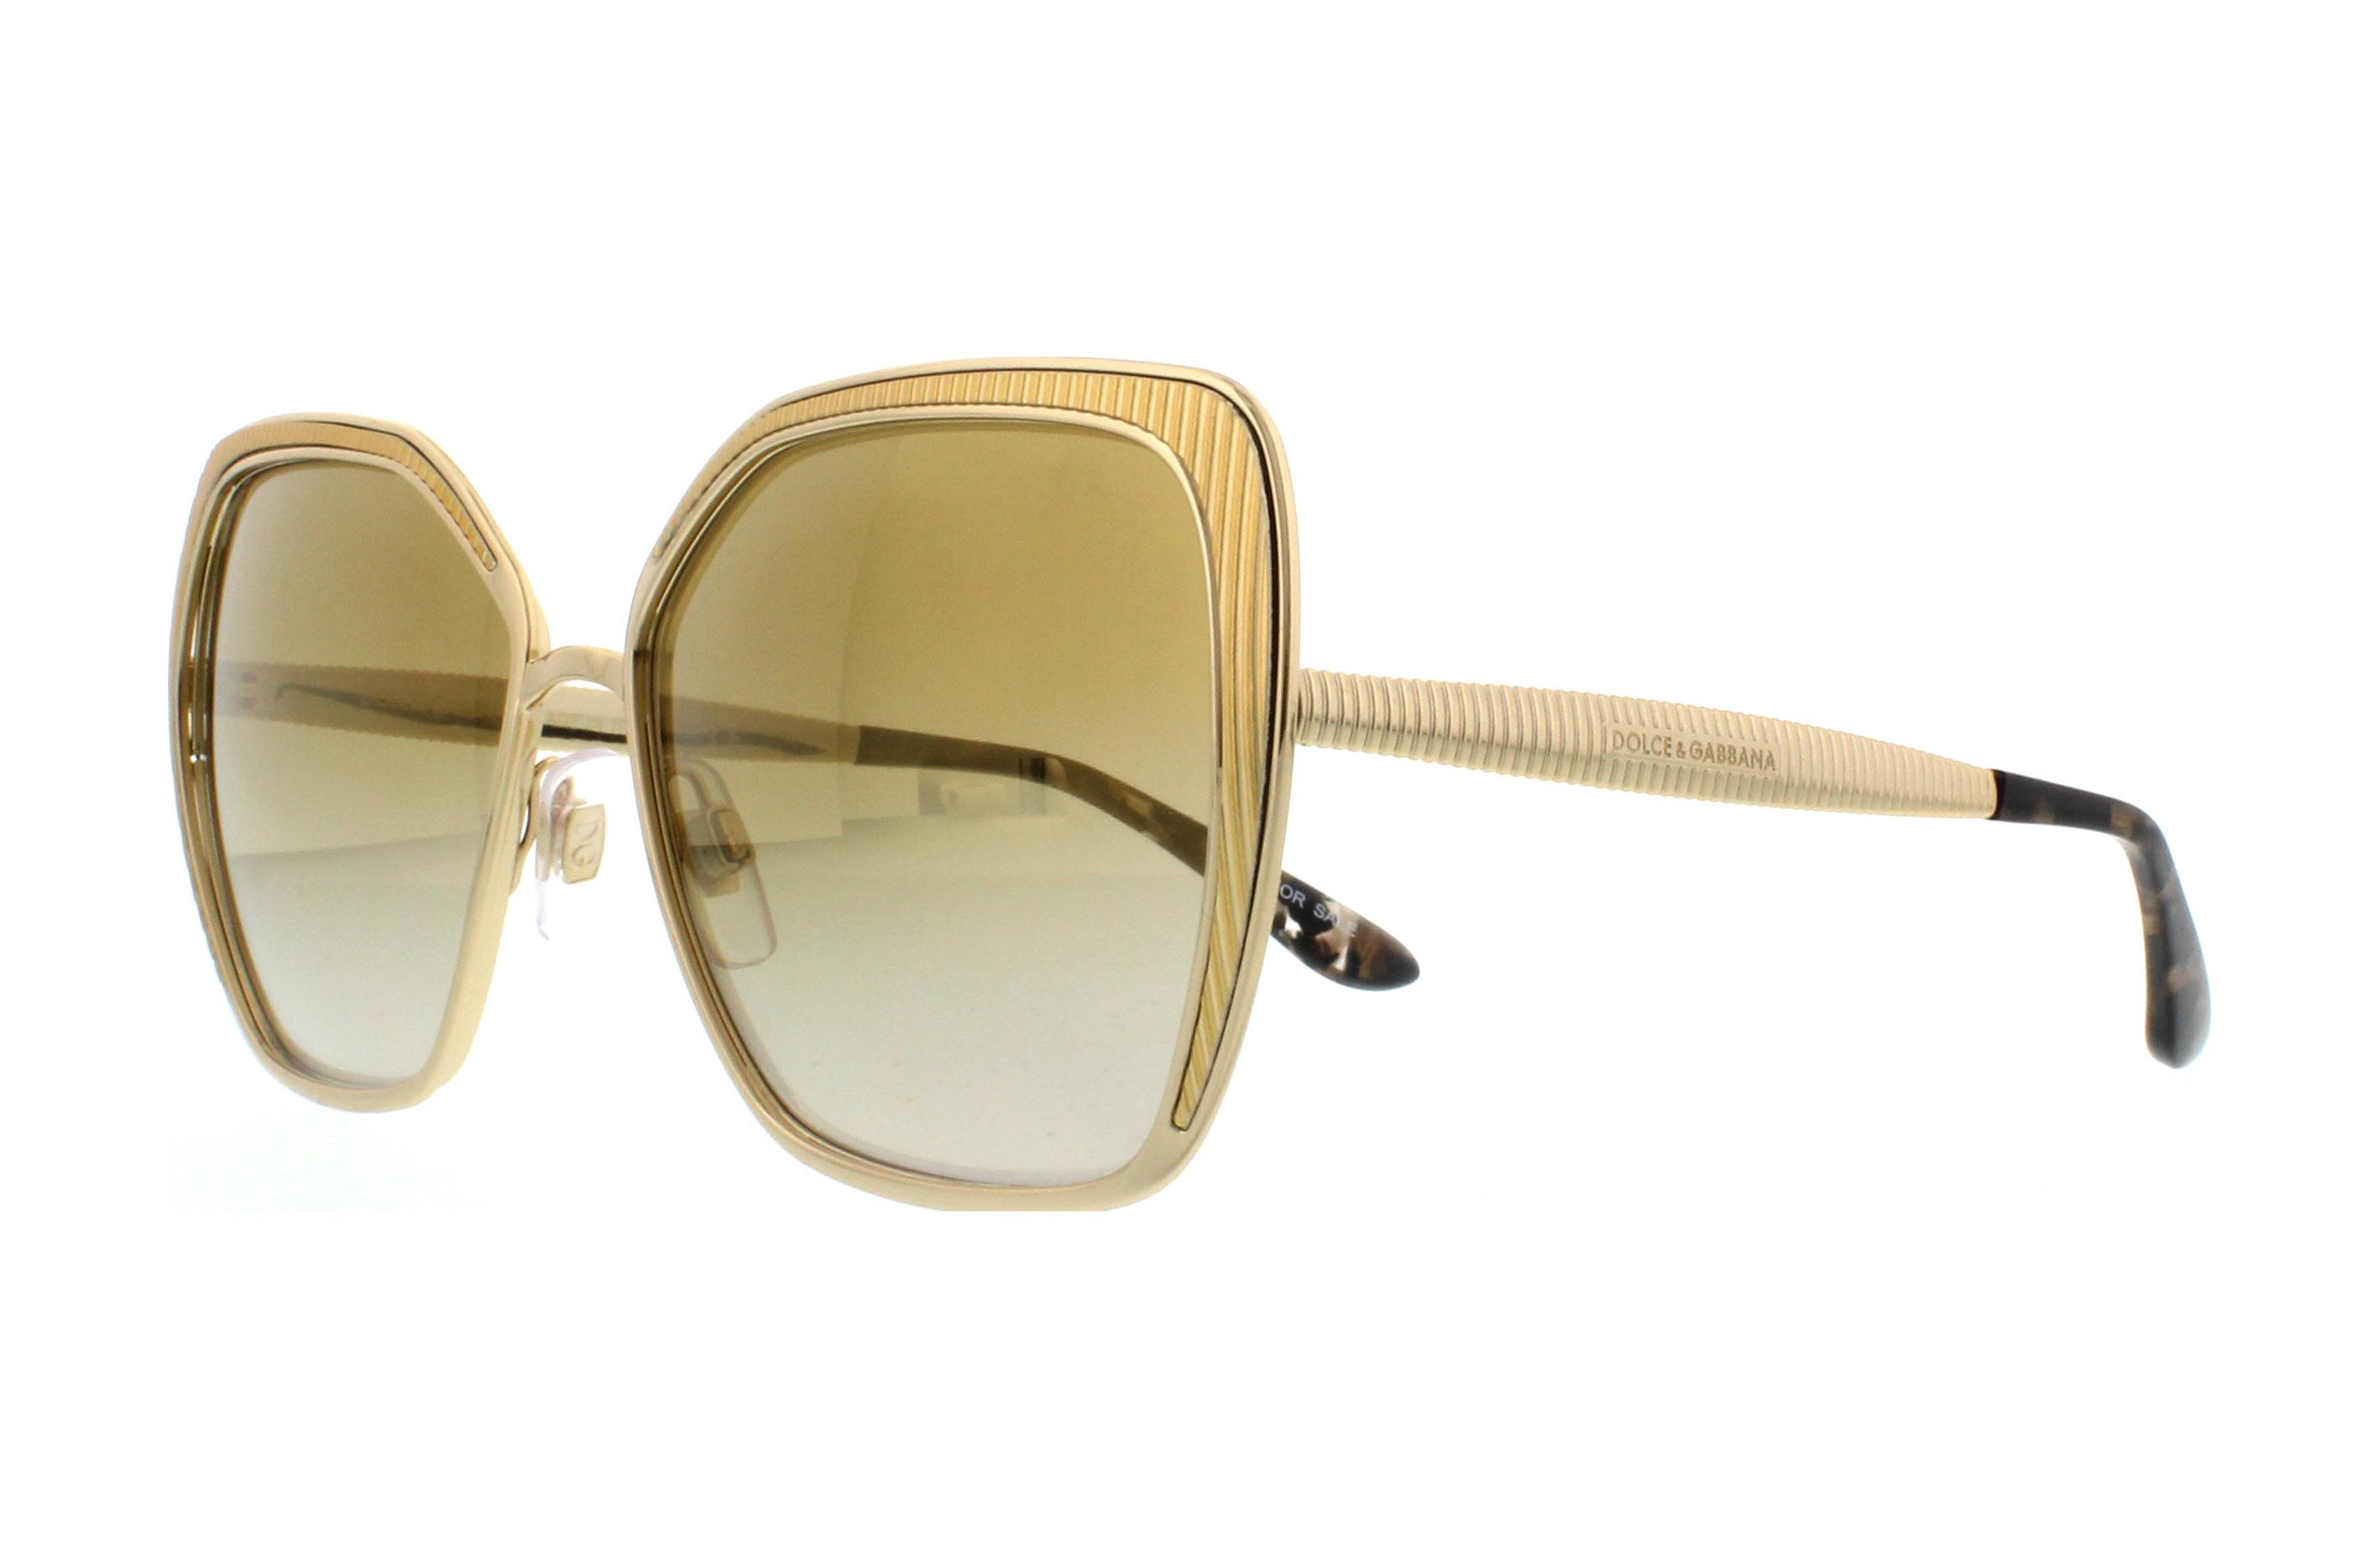 0813d3e8e5 Details about DOLCE & GABBANA Sunglasses DG2197 02/6E Gold 56MM